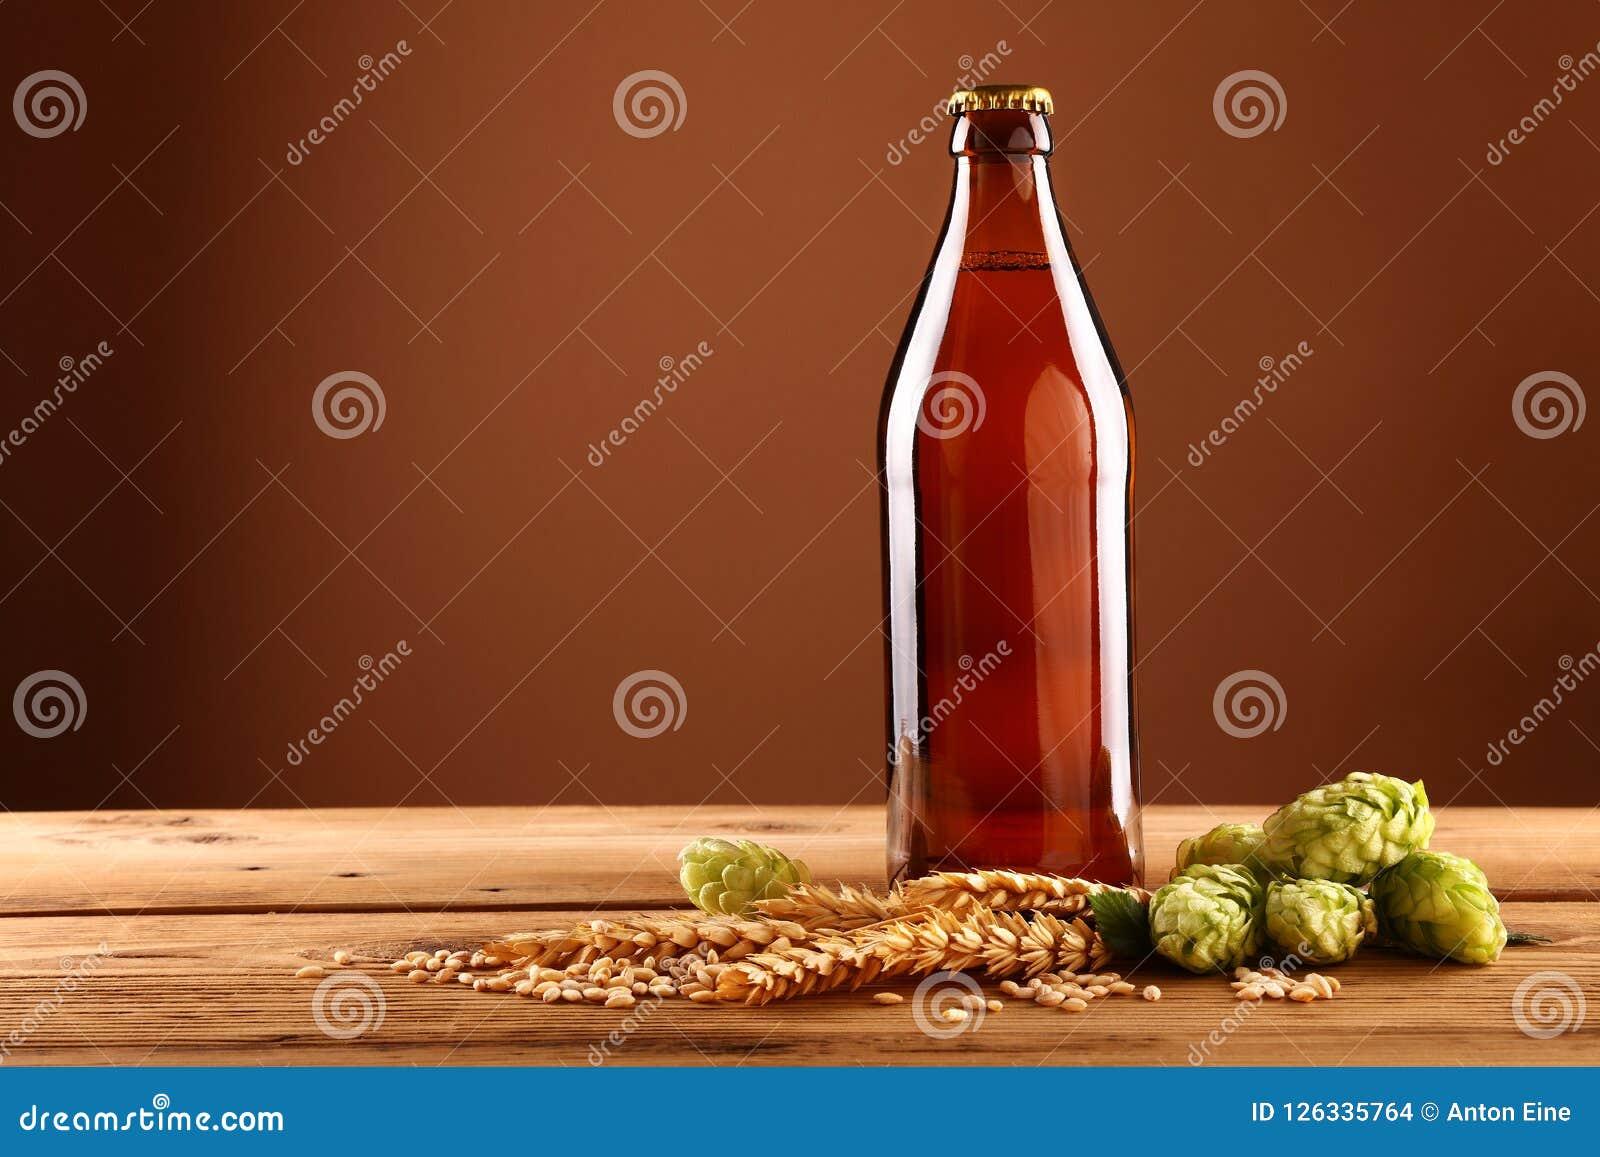 关闭棕色啤酒瓶,蛇麻草,在桌上的大麦